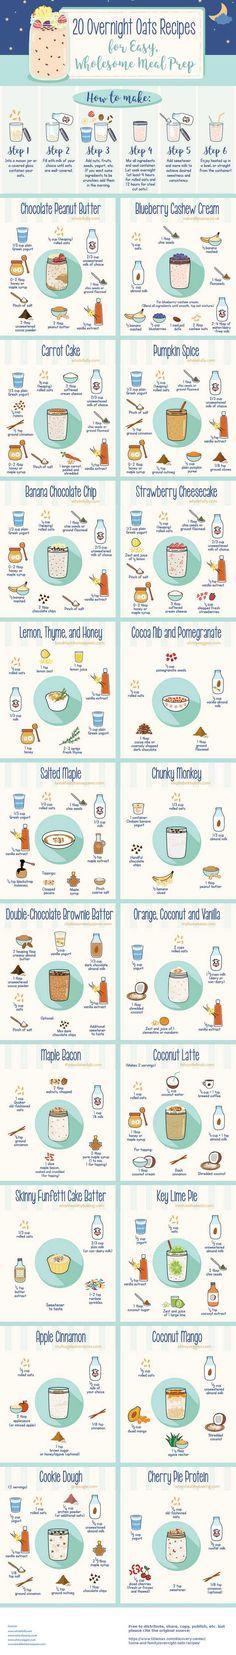 Super-healthy overnight oats options (20 recipes) - Imgur Overnight Oats, Healthy Meal Prep, Healthy Eating, Healthy Recipes, Breakfast Recipes, Breakfast Healthy, Breakfast Ideas, Make Ahead Oatmeal, Oatmeal Recipes